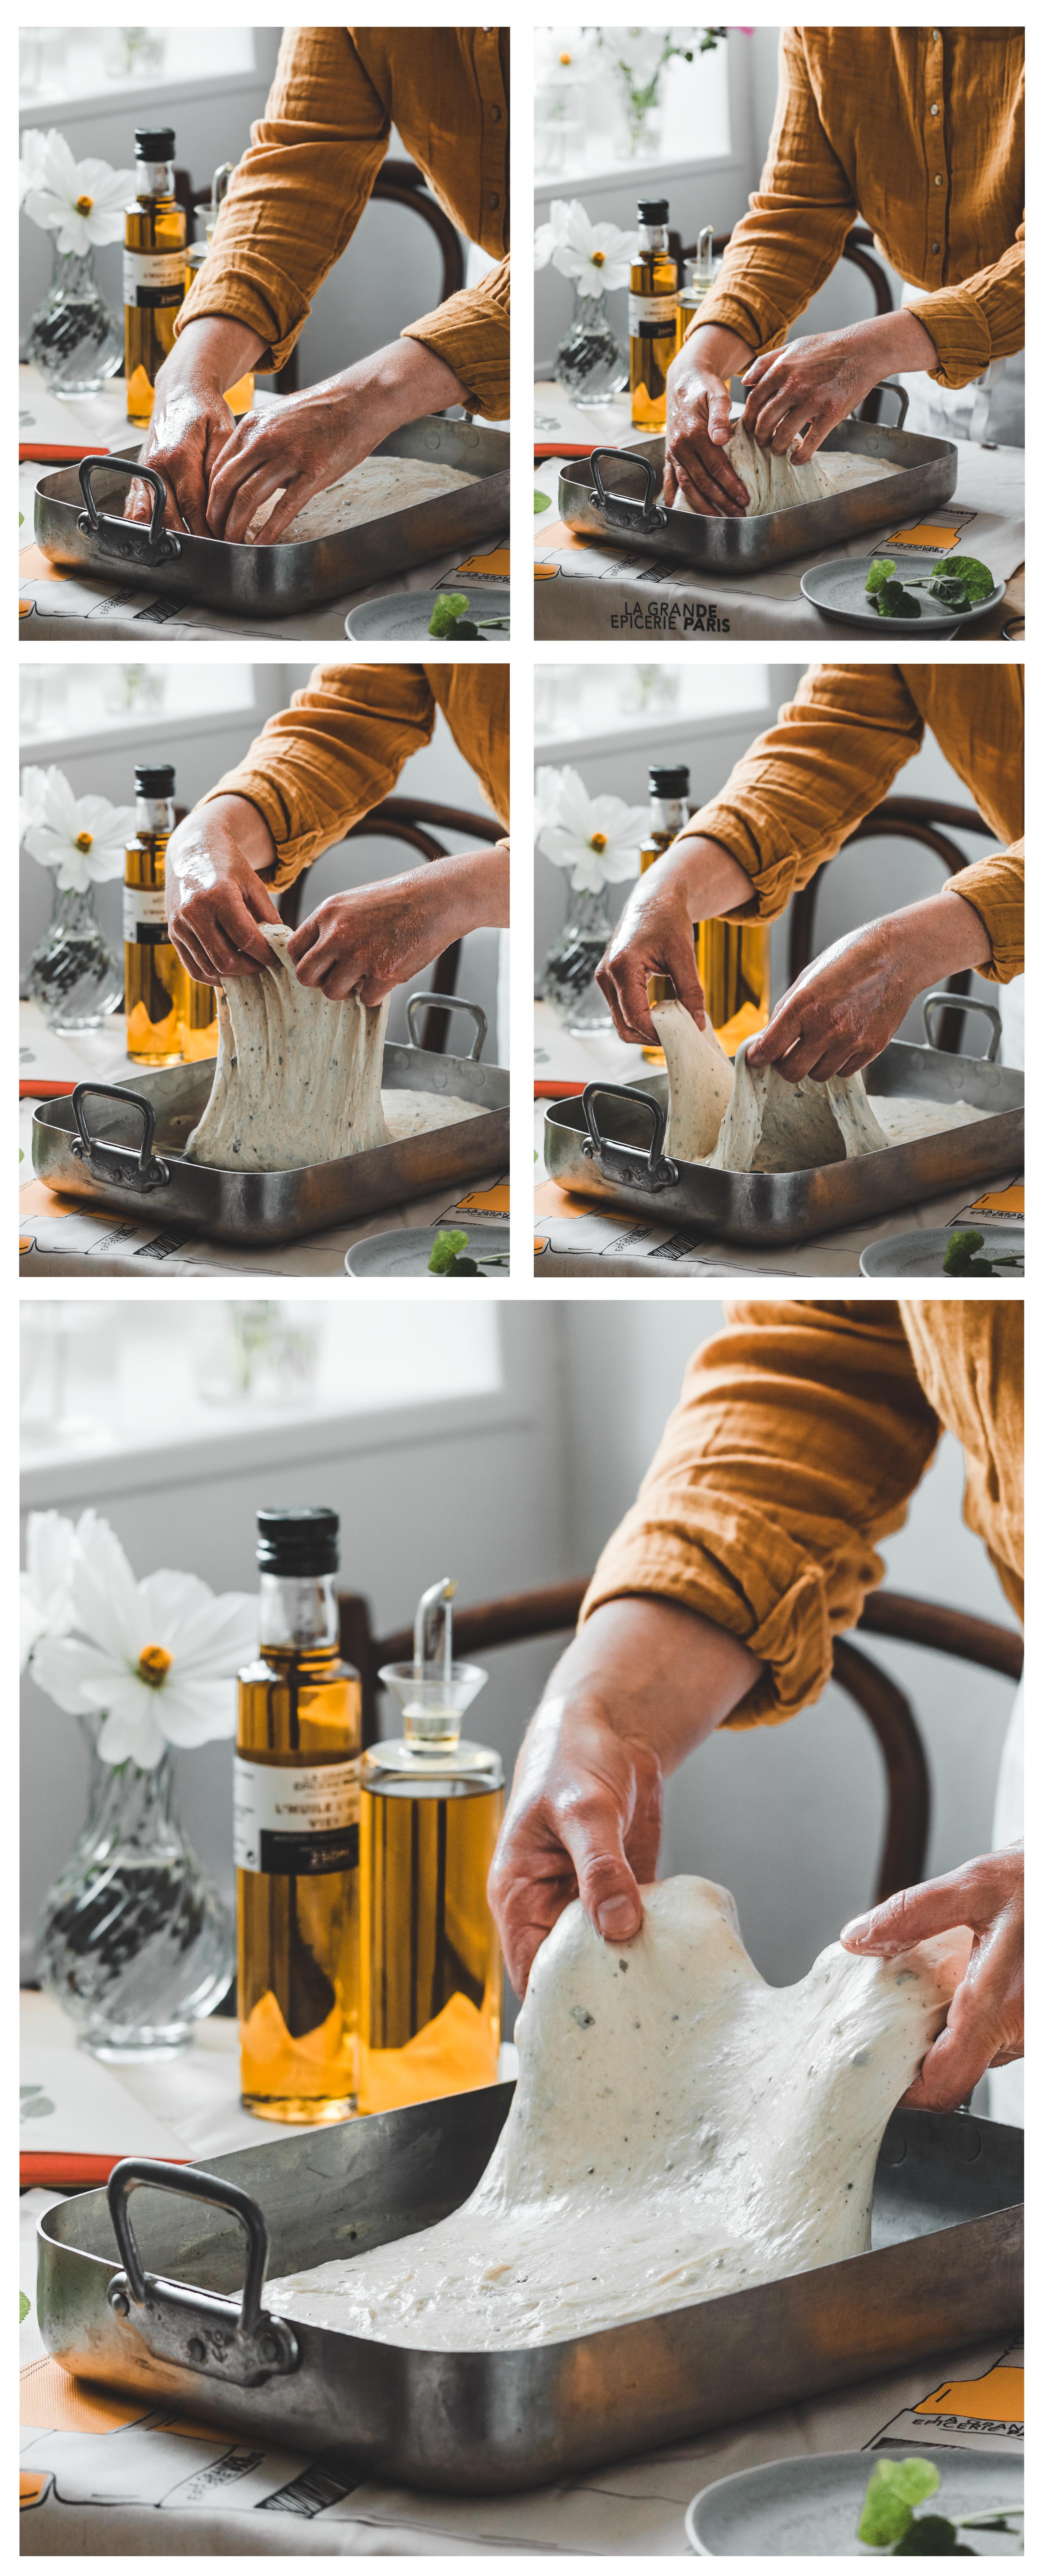 façonnage de la pâte